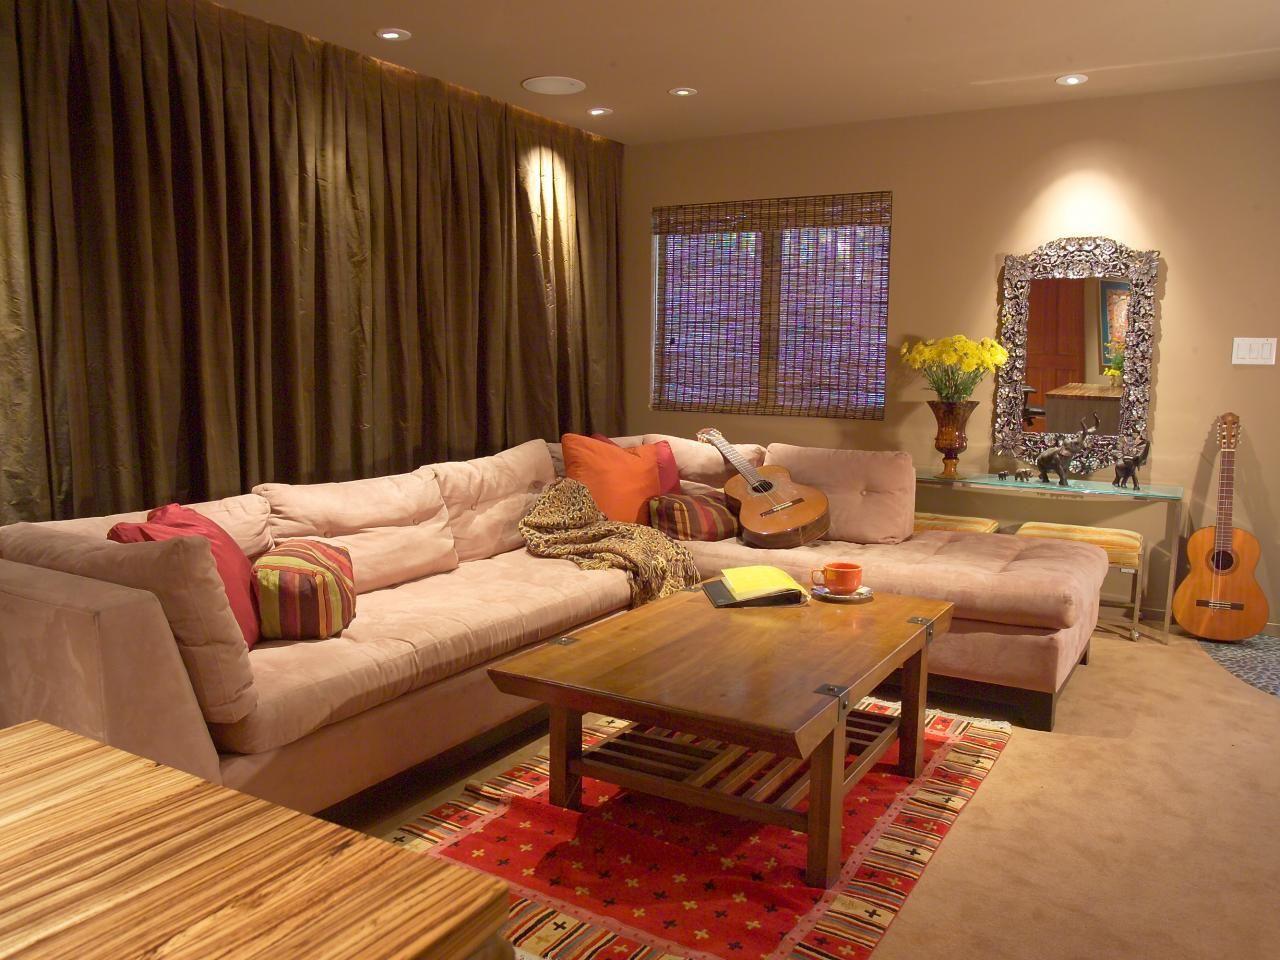 Asian Living Rooms From Jane Ellison On HGTV